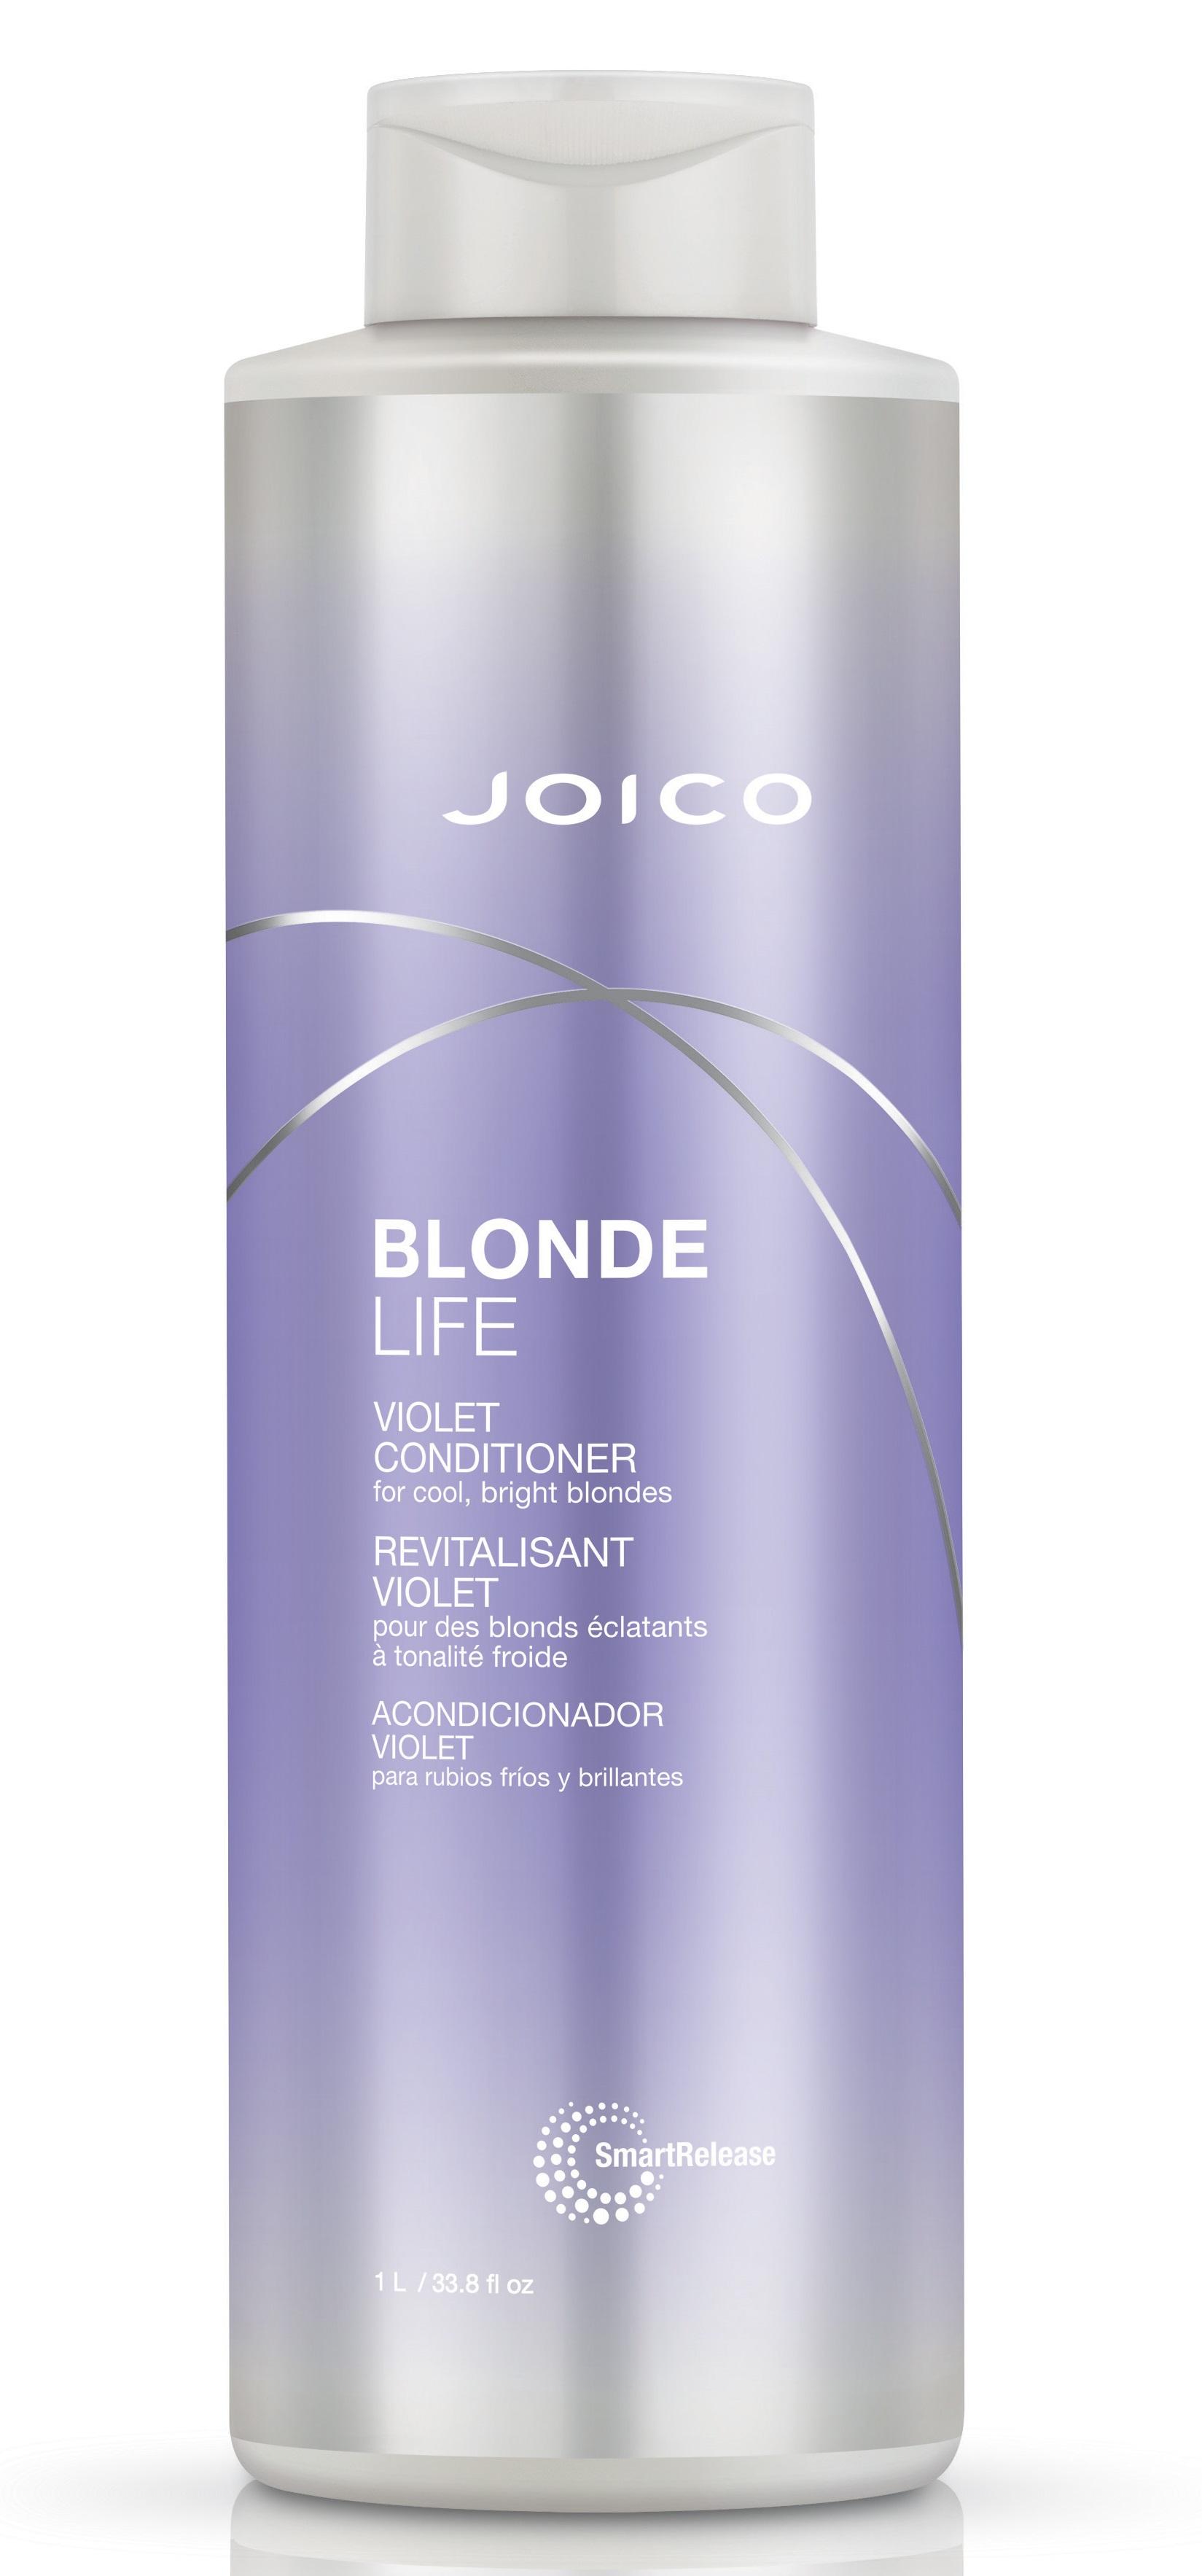 JOICO Кондиционер фиолетовый для холодных ярких оттенков блонда / Blonde Life Violet Conditioner 1000 мл.